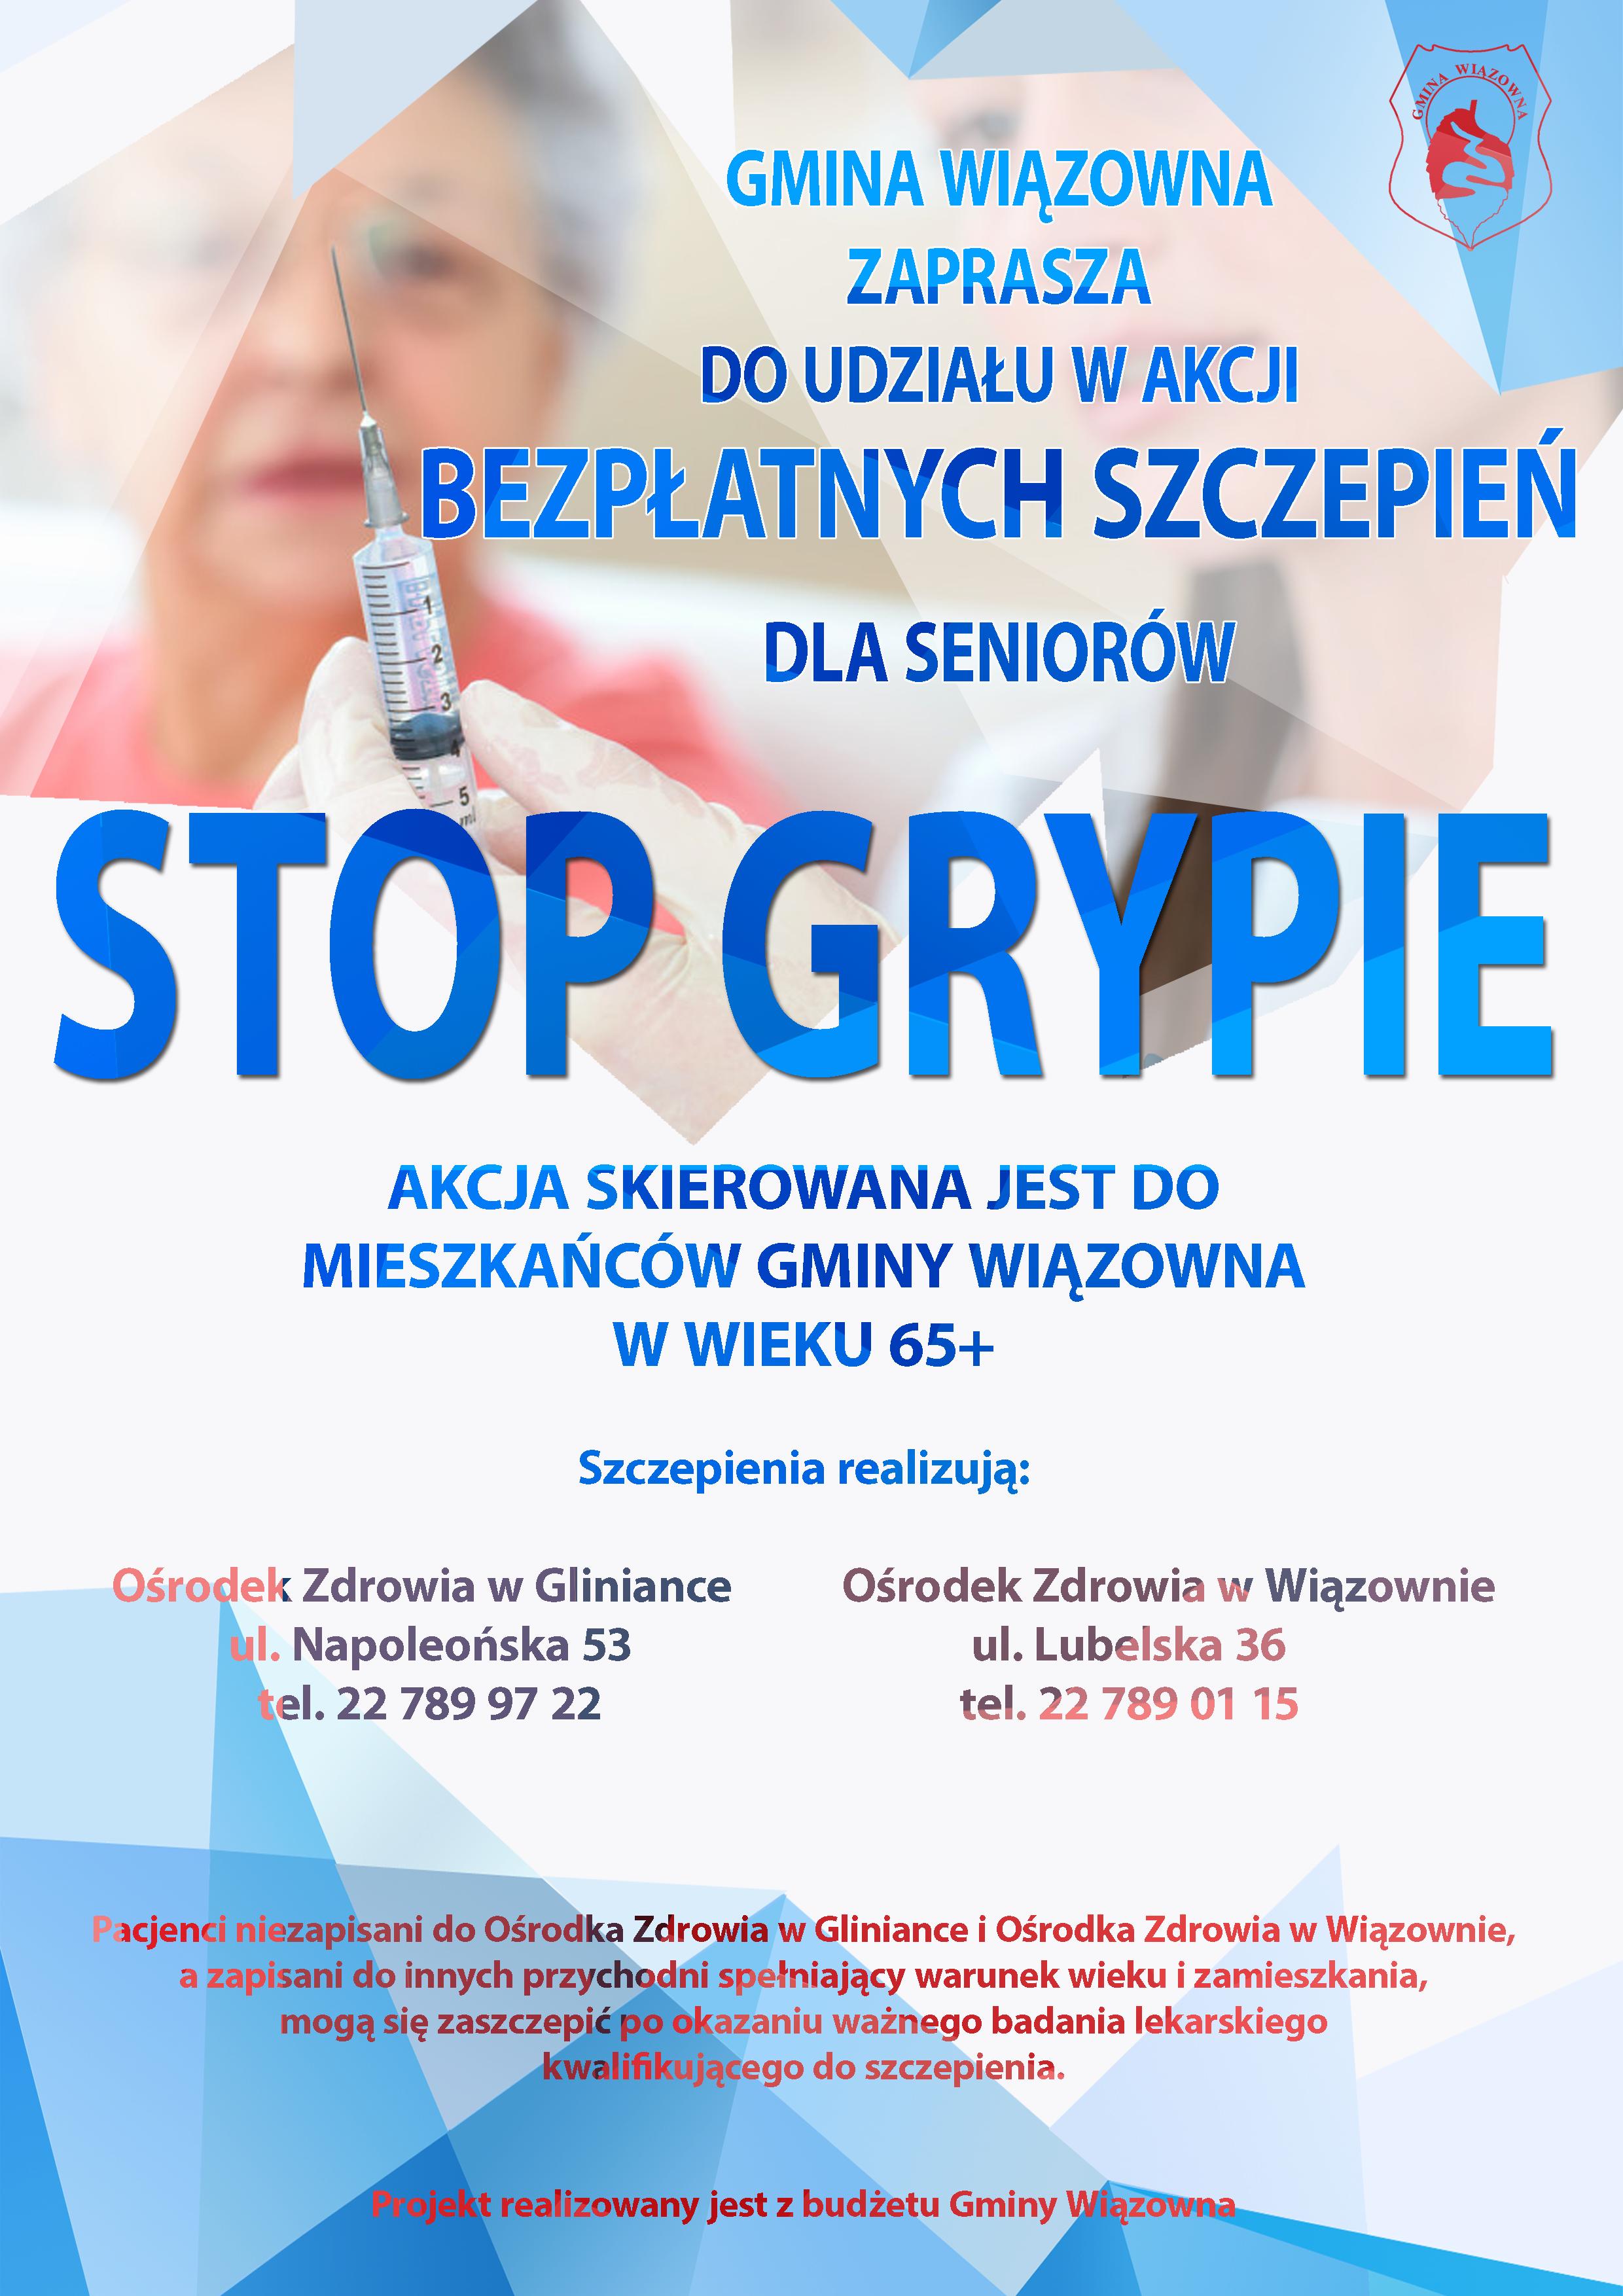 Plakat informujący o szczepieniach przeciw grypie dla seniorów z Gminy Wiązowna